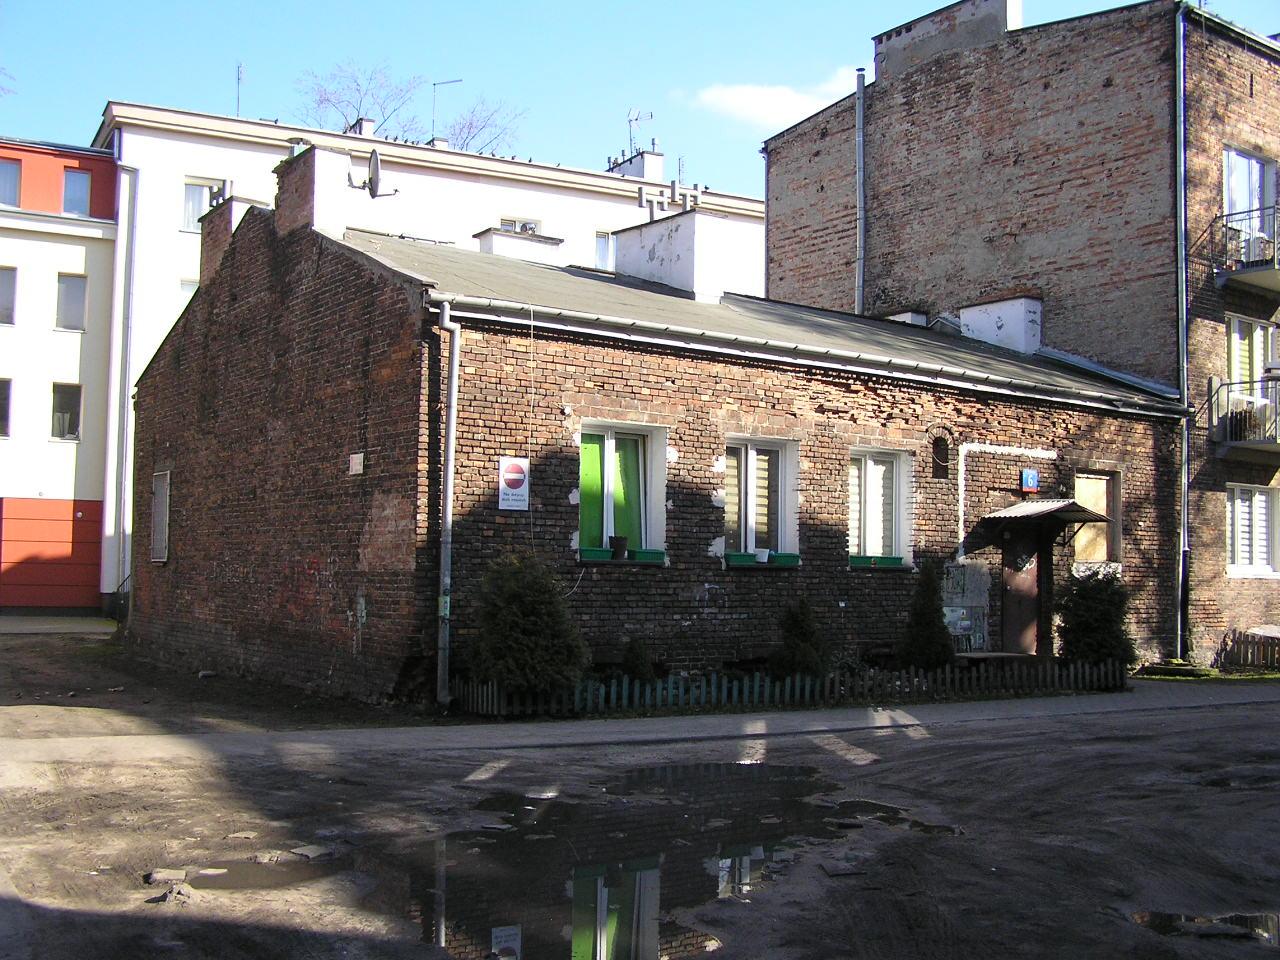 Dom przy ulicy Rębkowskiej 6 na Grochowie